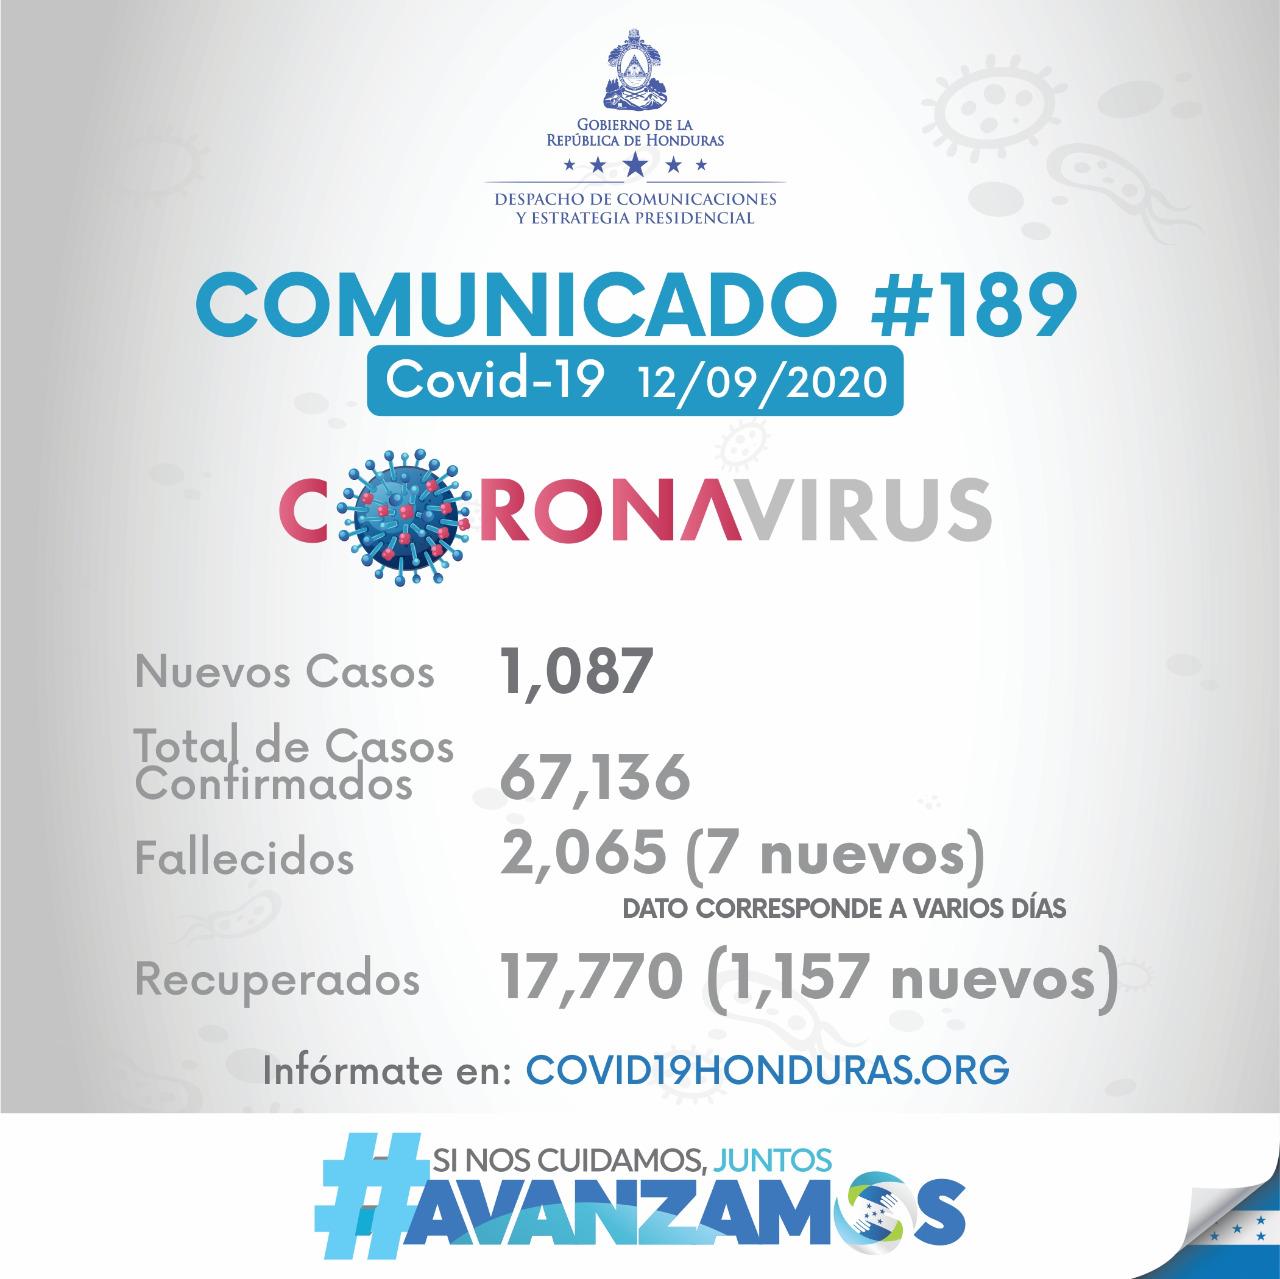 Se elevan a 67,136  el número de contagios de covid-19 en Honduras